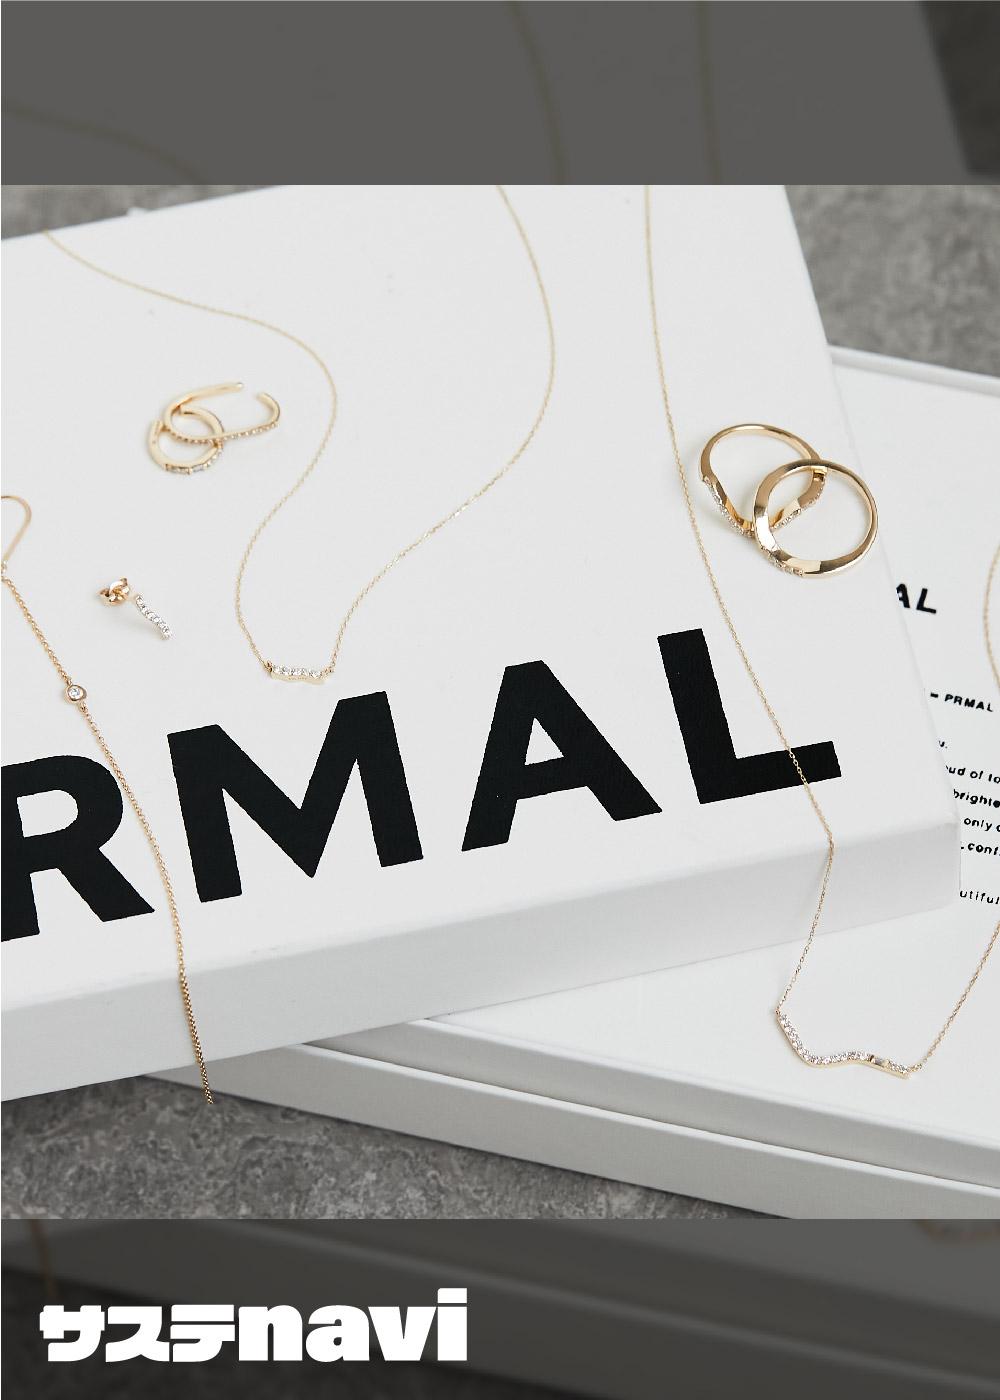 プロでも識別不能。天然とまったく同じ輝きをもつエシカルダイヤを採用した国内ファインジュエリーブランド「PRMAL」